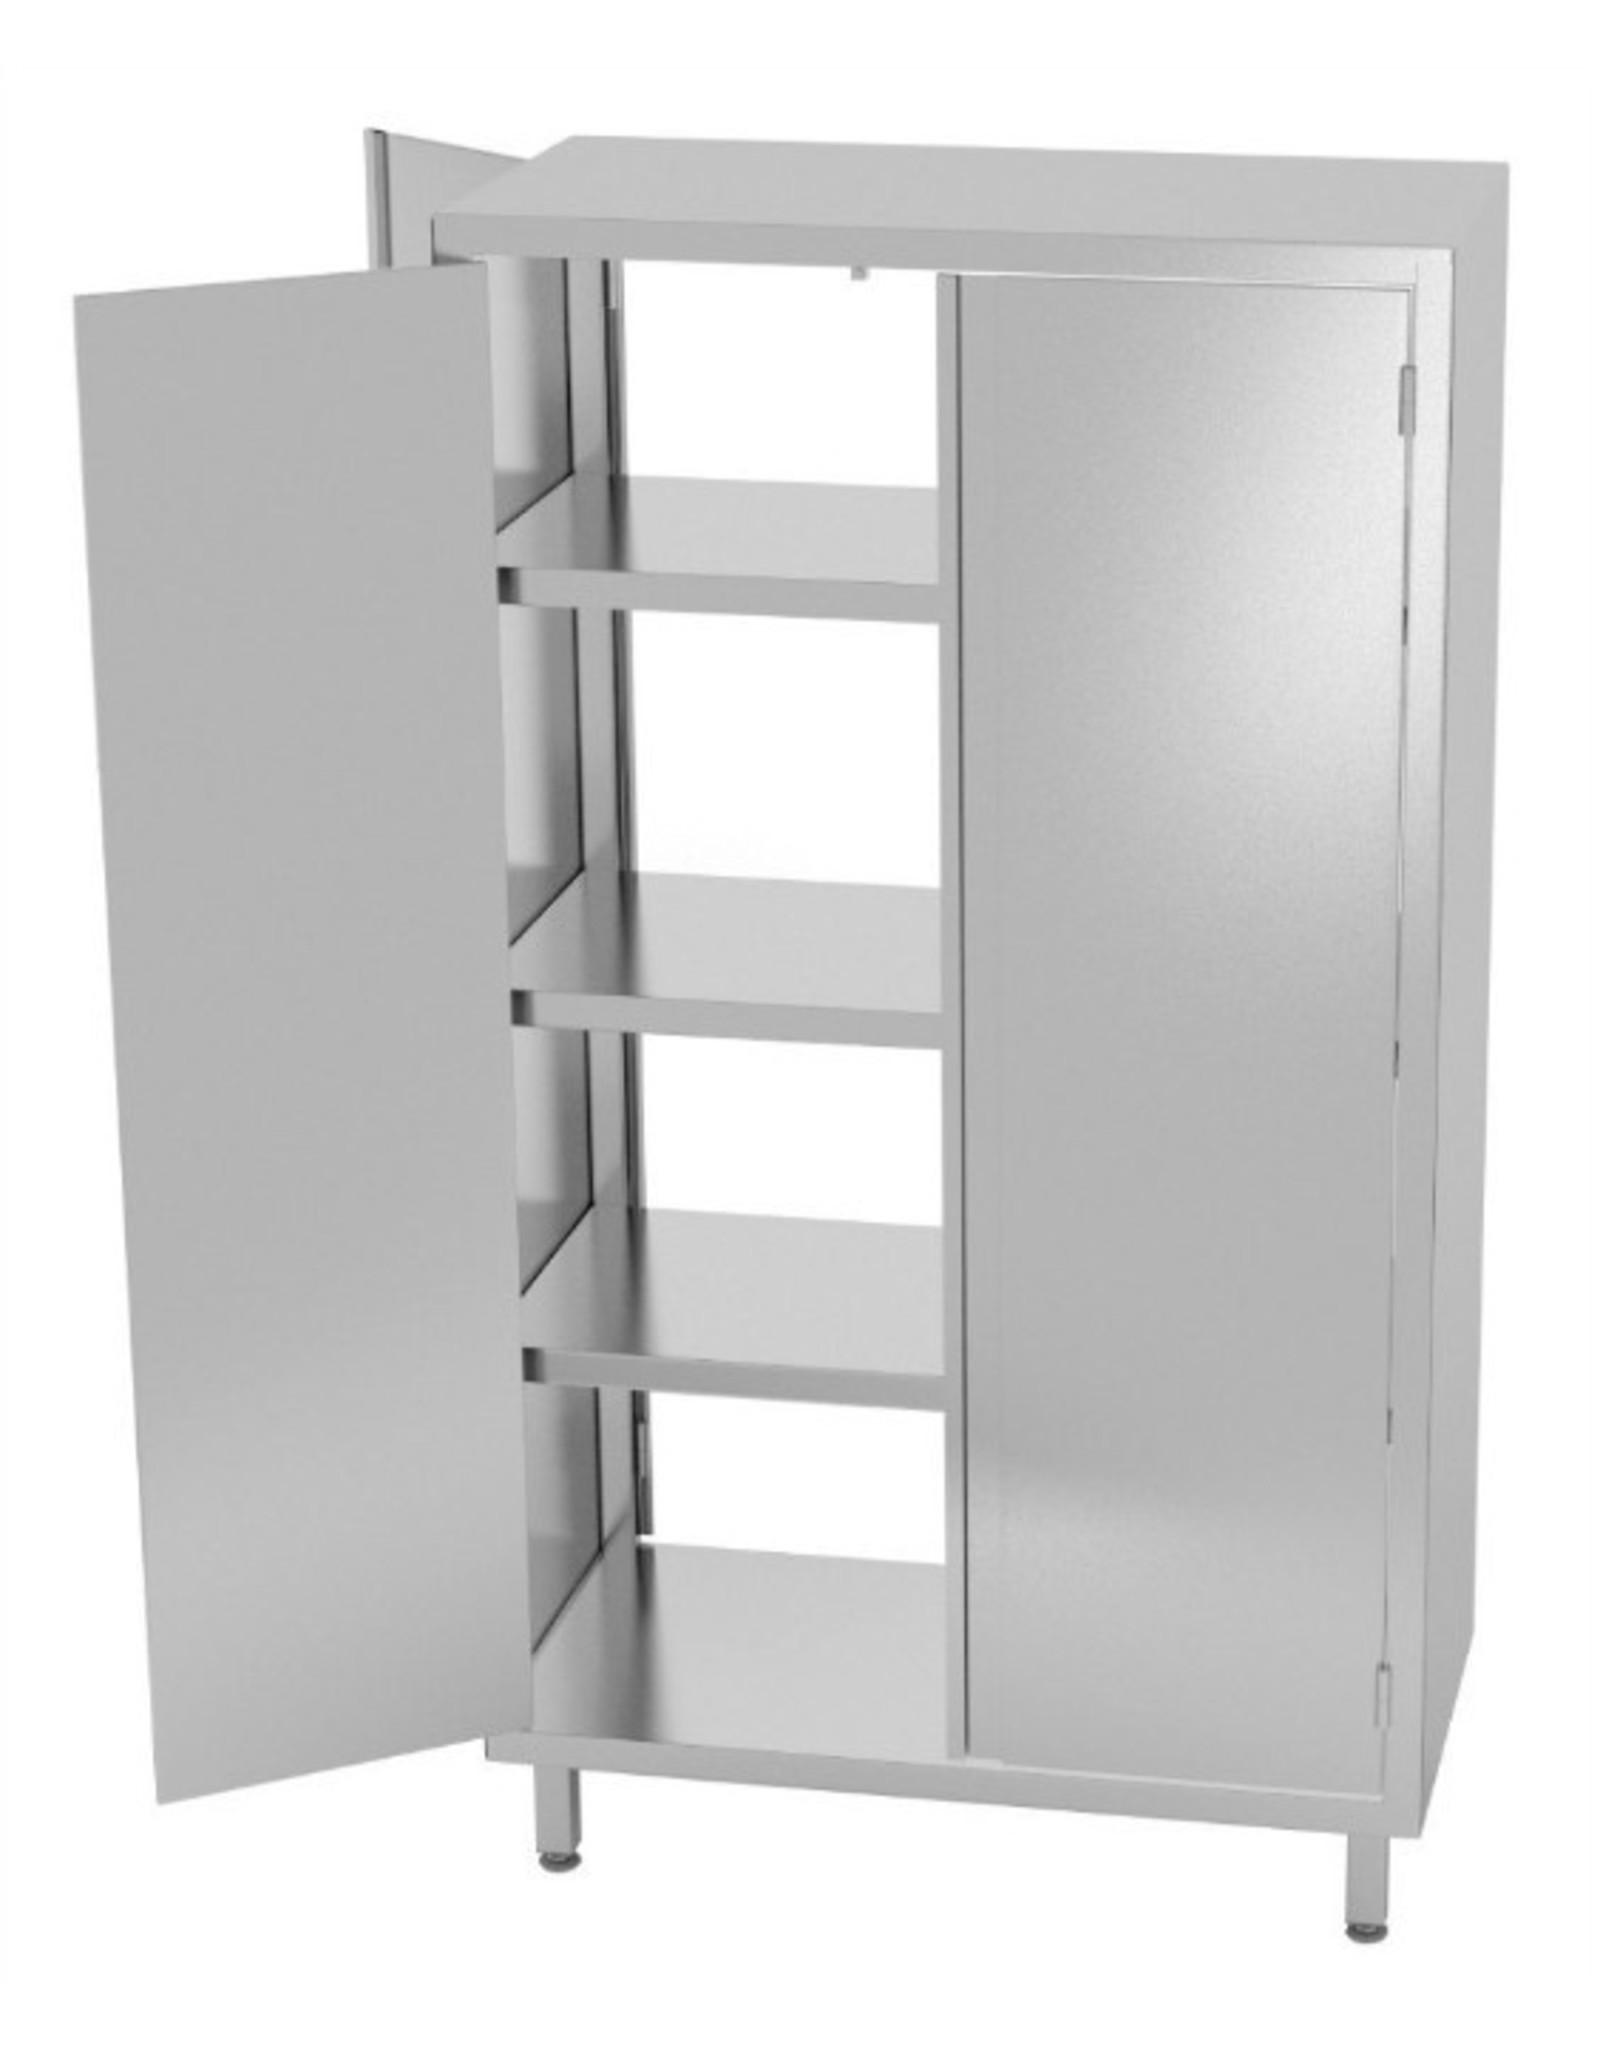 Kast pass-through met dubbele klapdeuren | 700-1200mm breed | 500-700mm diep | 1800mm hoog